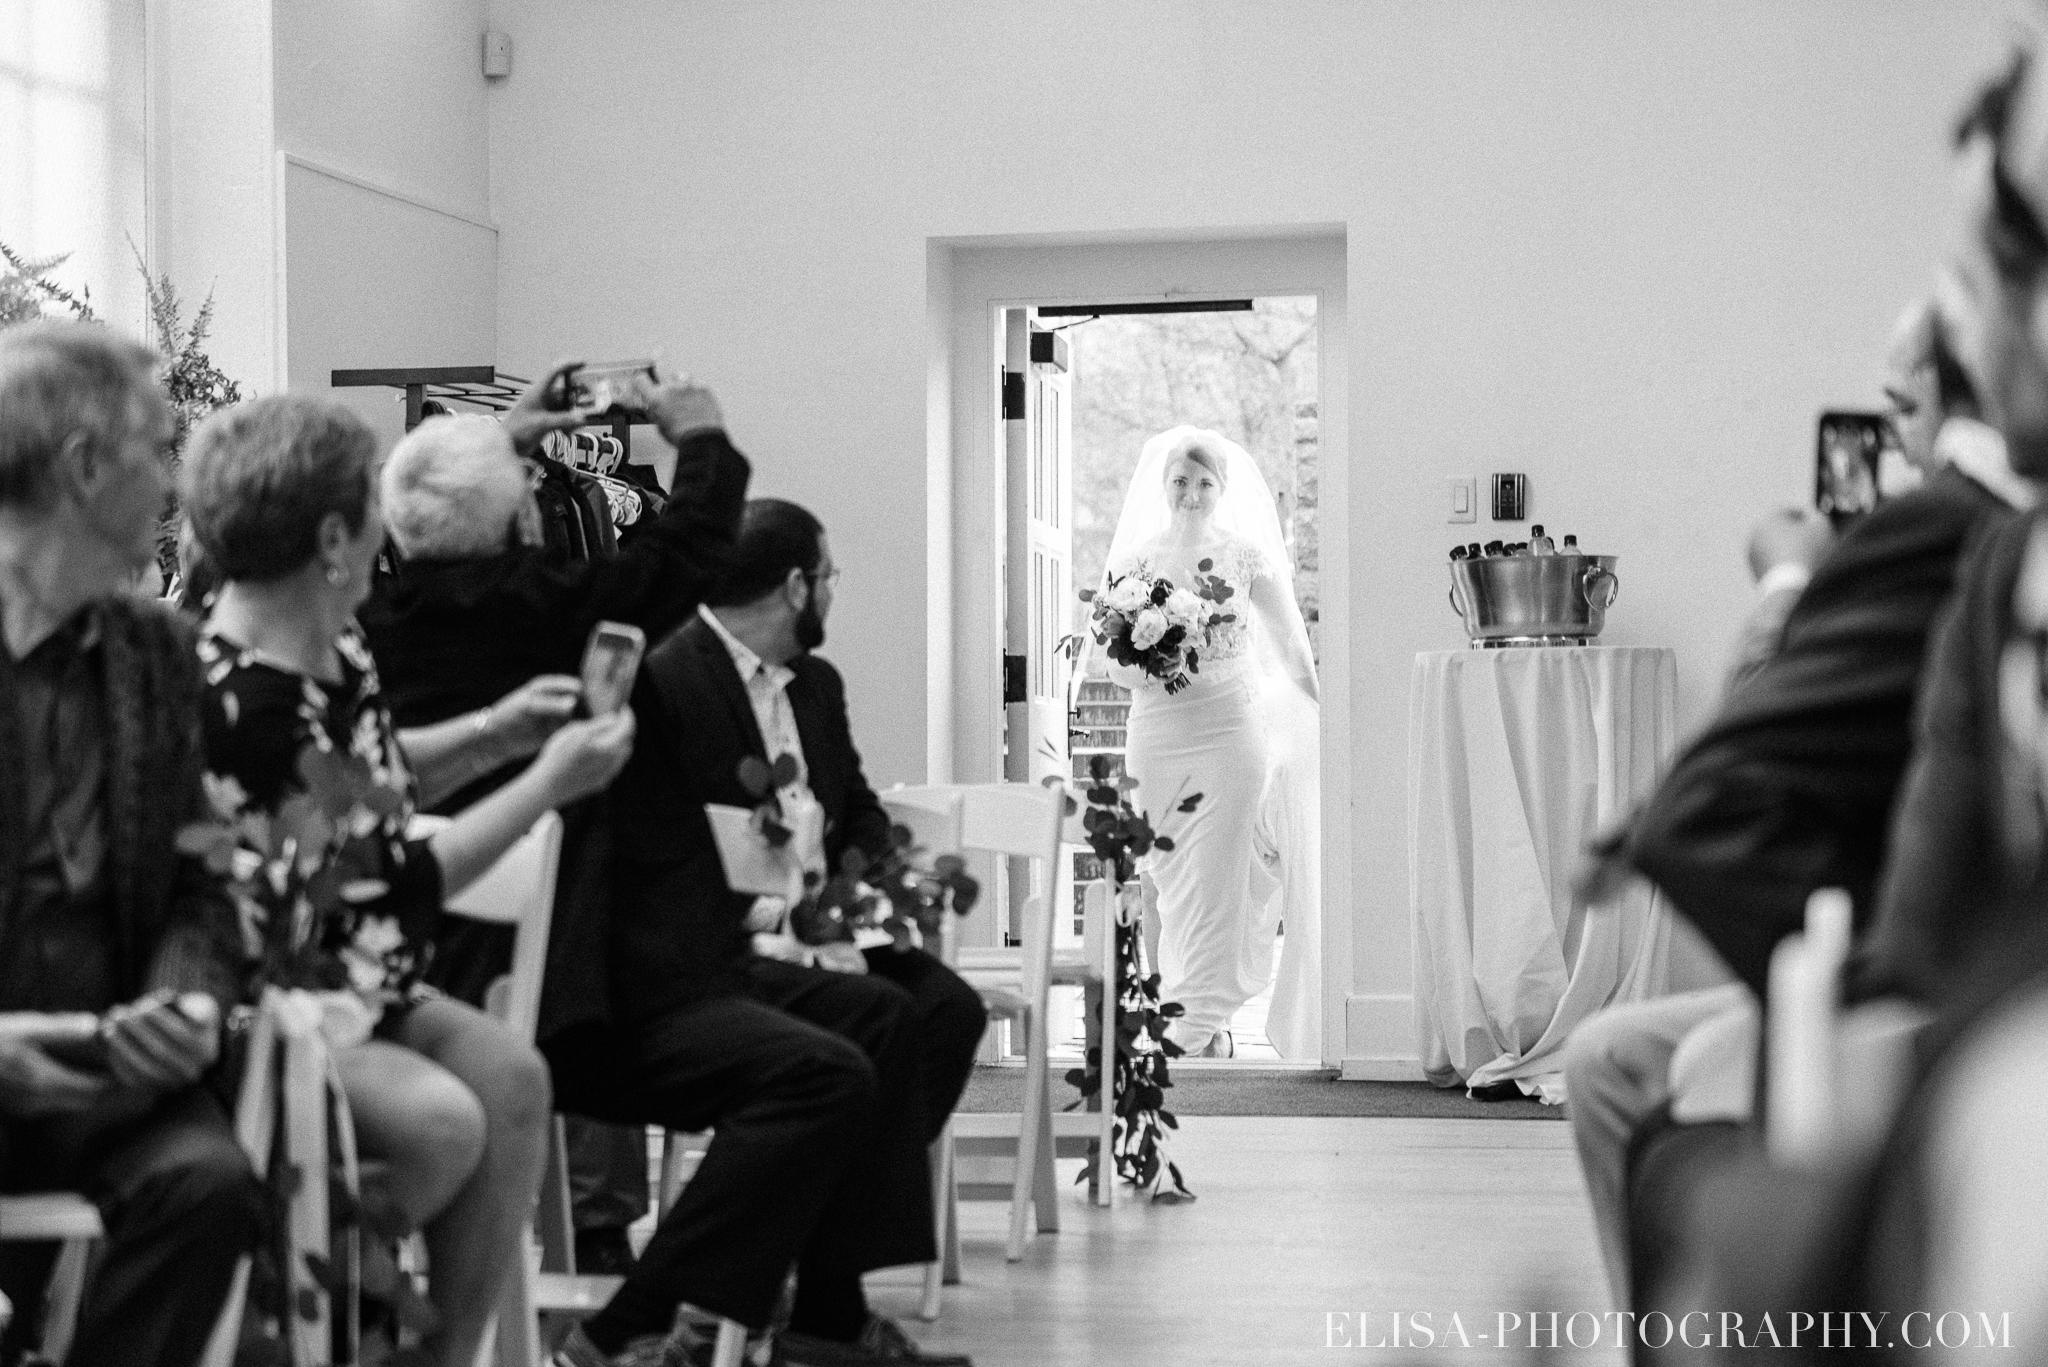 photo mariage ceremonie lifestyle domaine cataraqui pluie atelier peintre 0196 - Mariage élégant et discret au coeur du magnifique Domaine Cataraqui, Québec